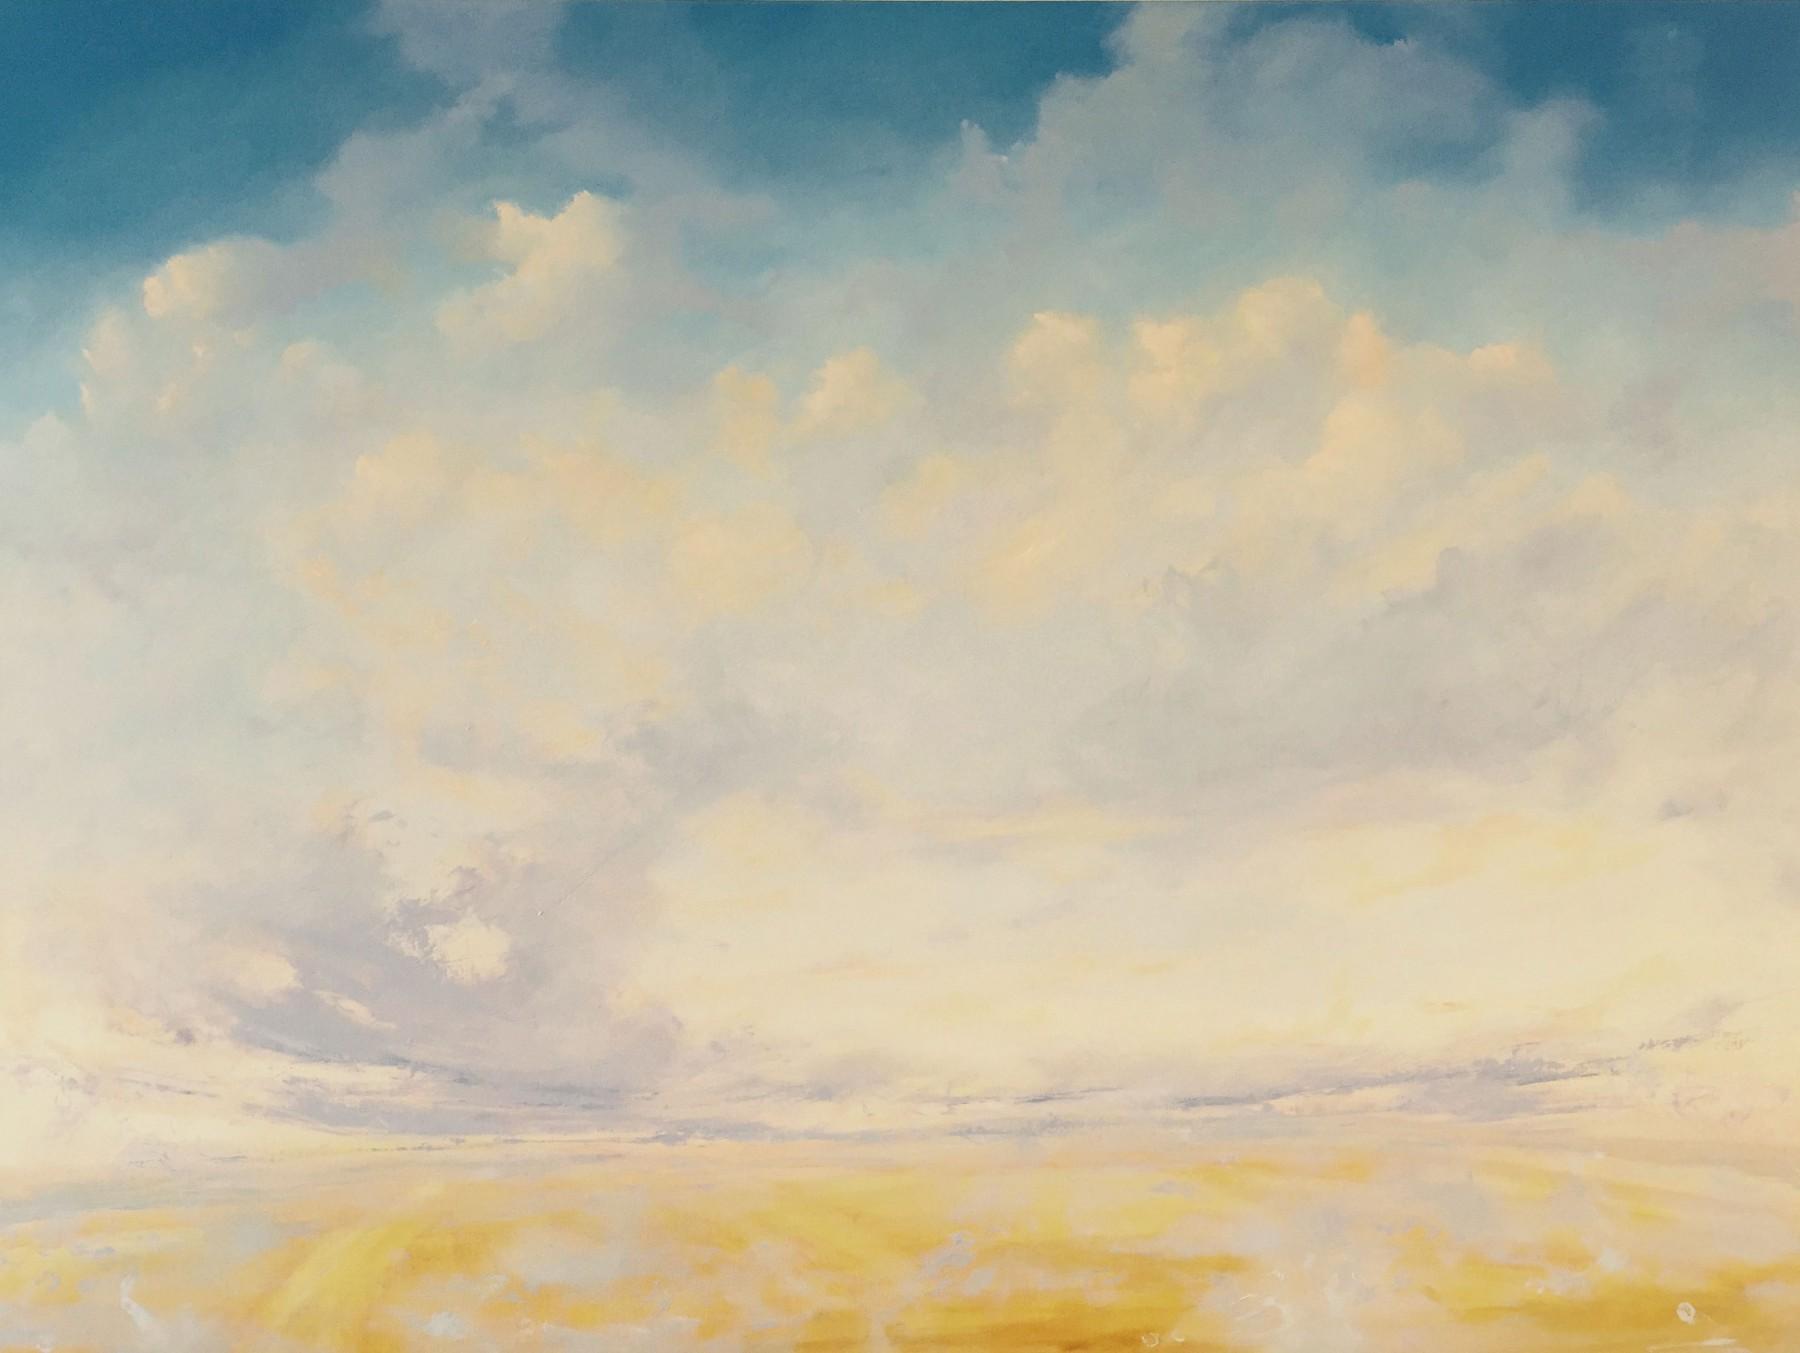 The Clouds II, 2016